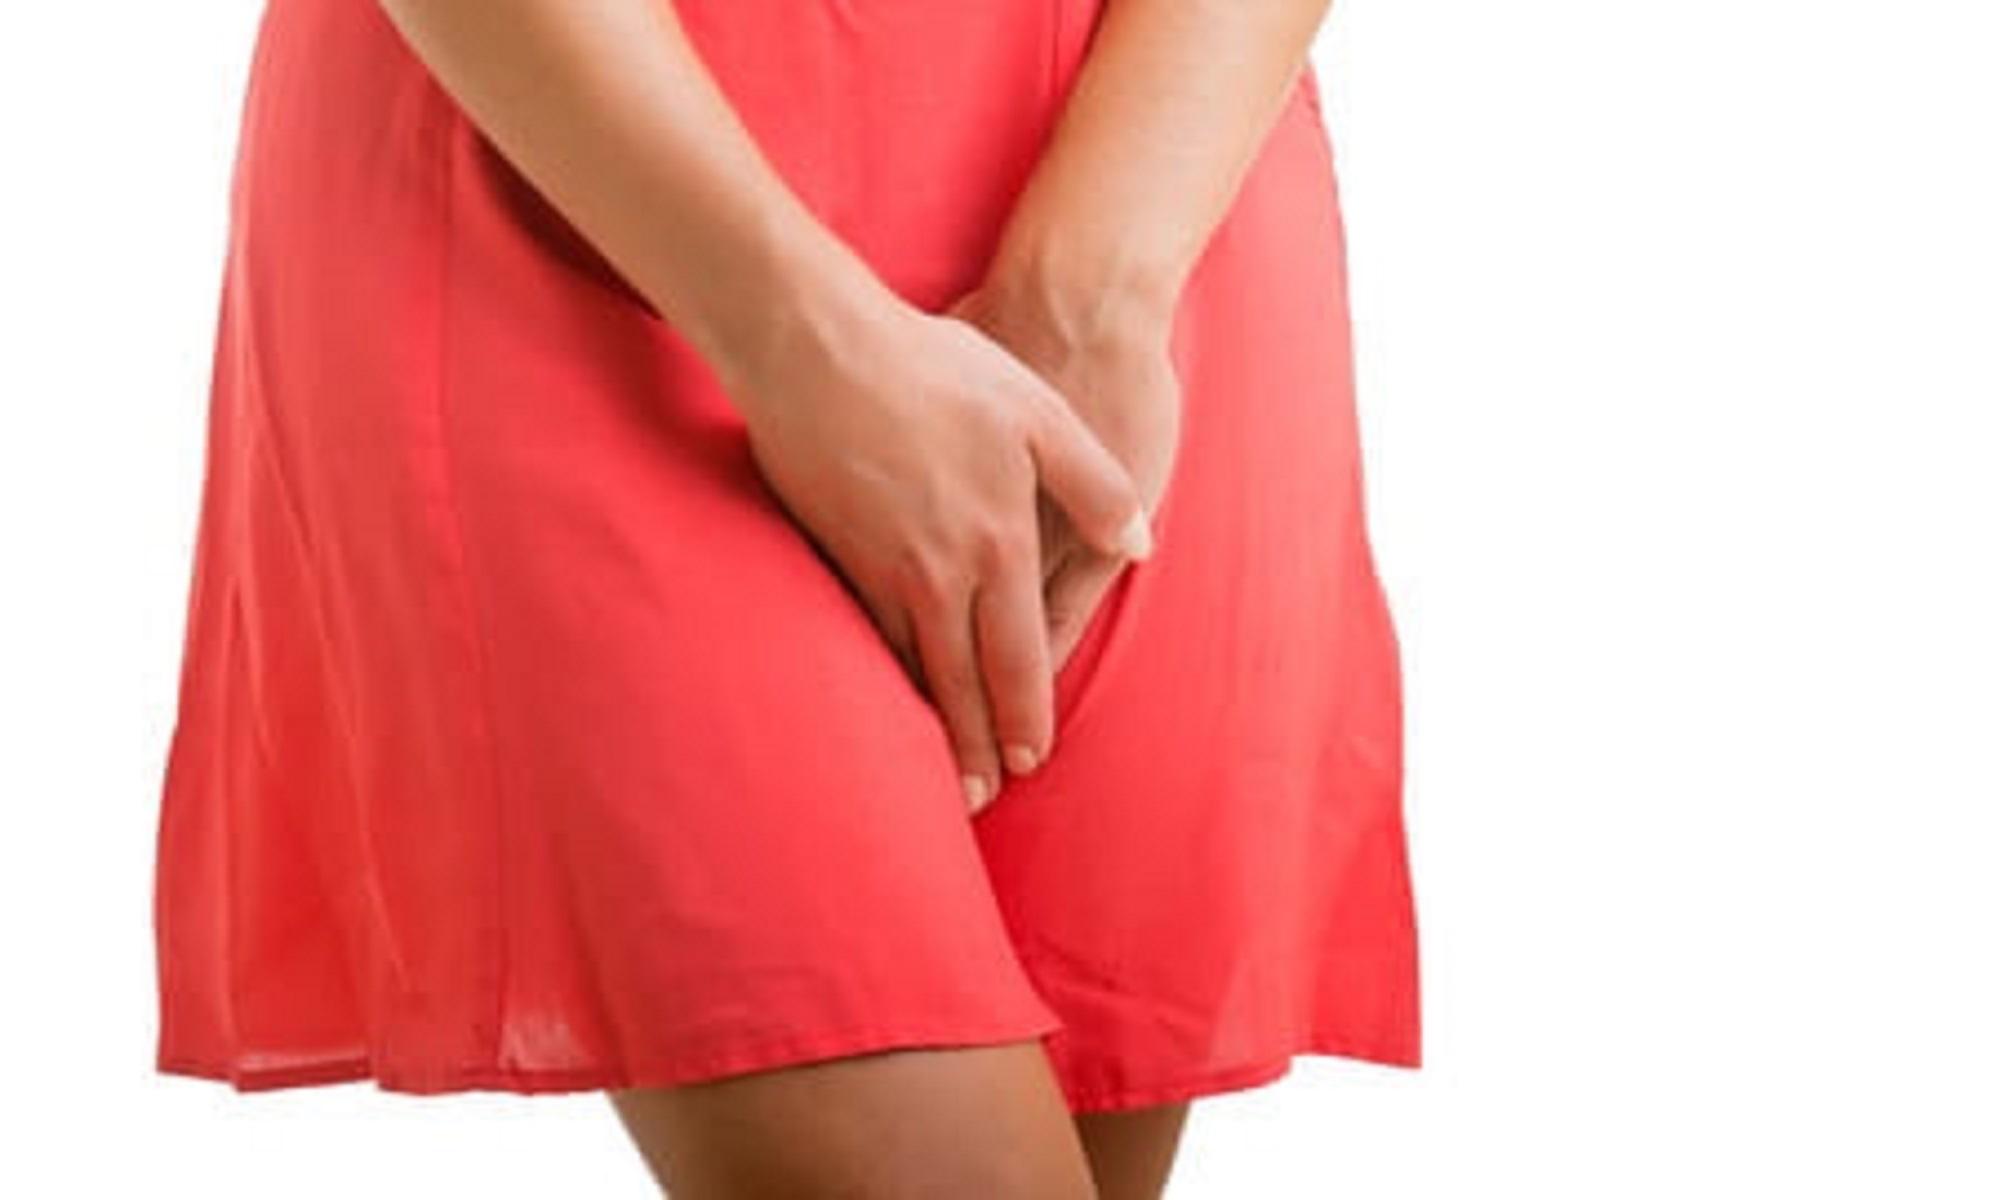 vaginalnyh-problemy-kotorye-vy-mozhete-kogda-nibud-ispytat